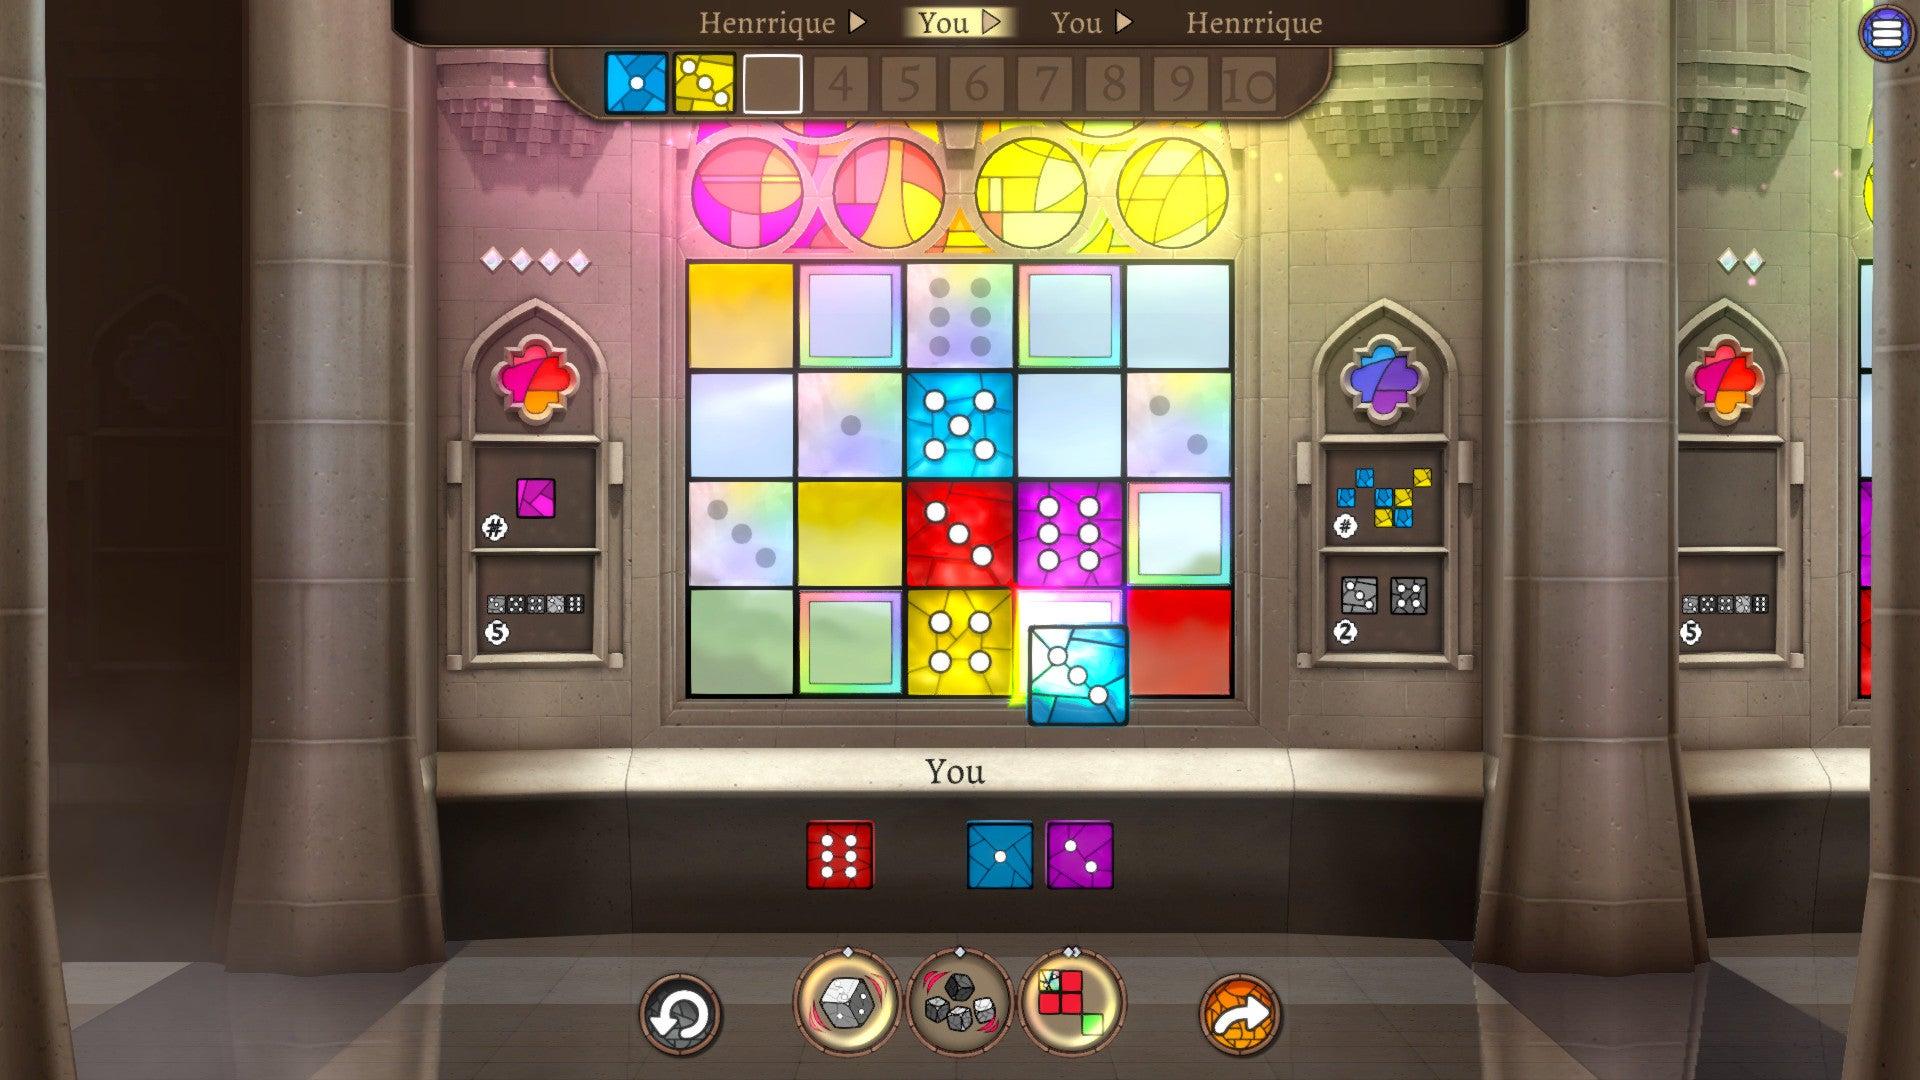 Sagrada digital board game screenshot